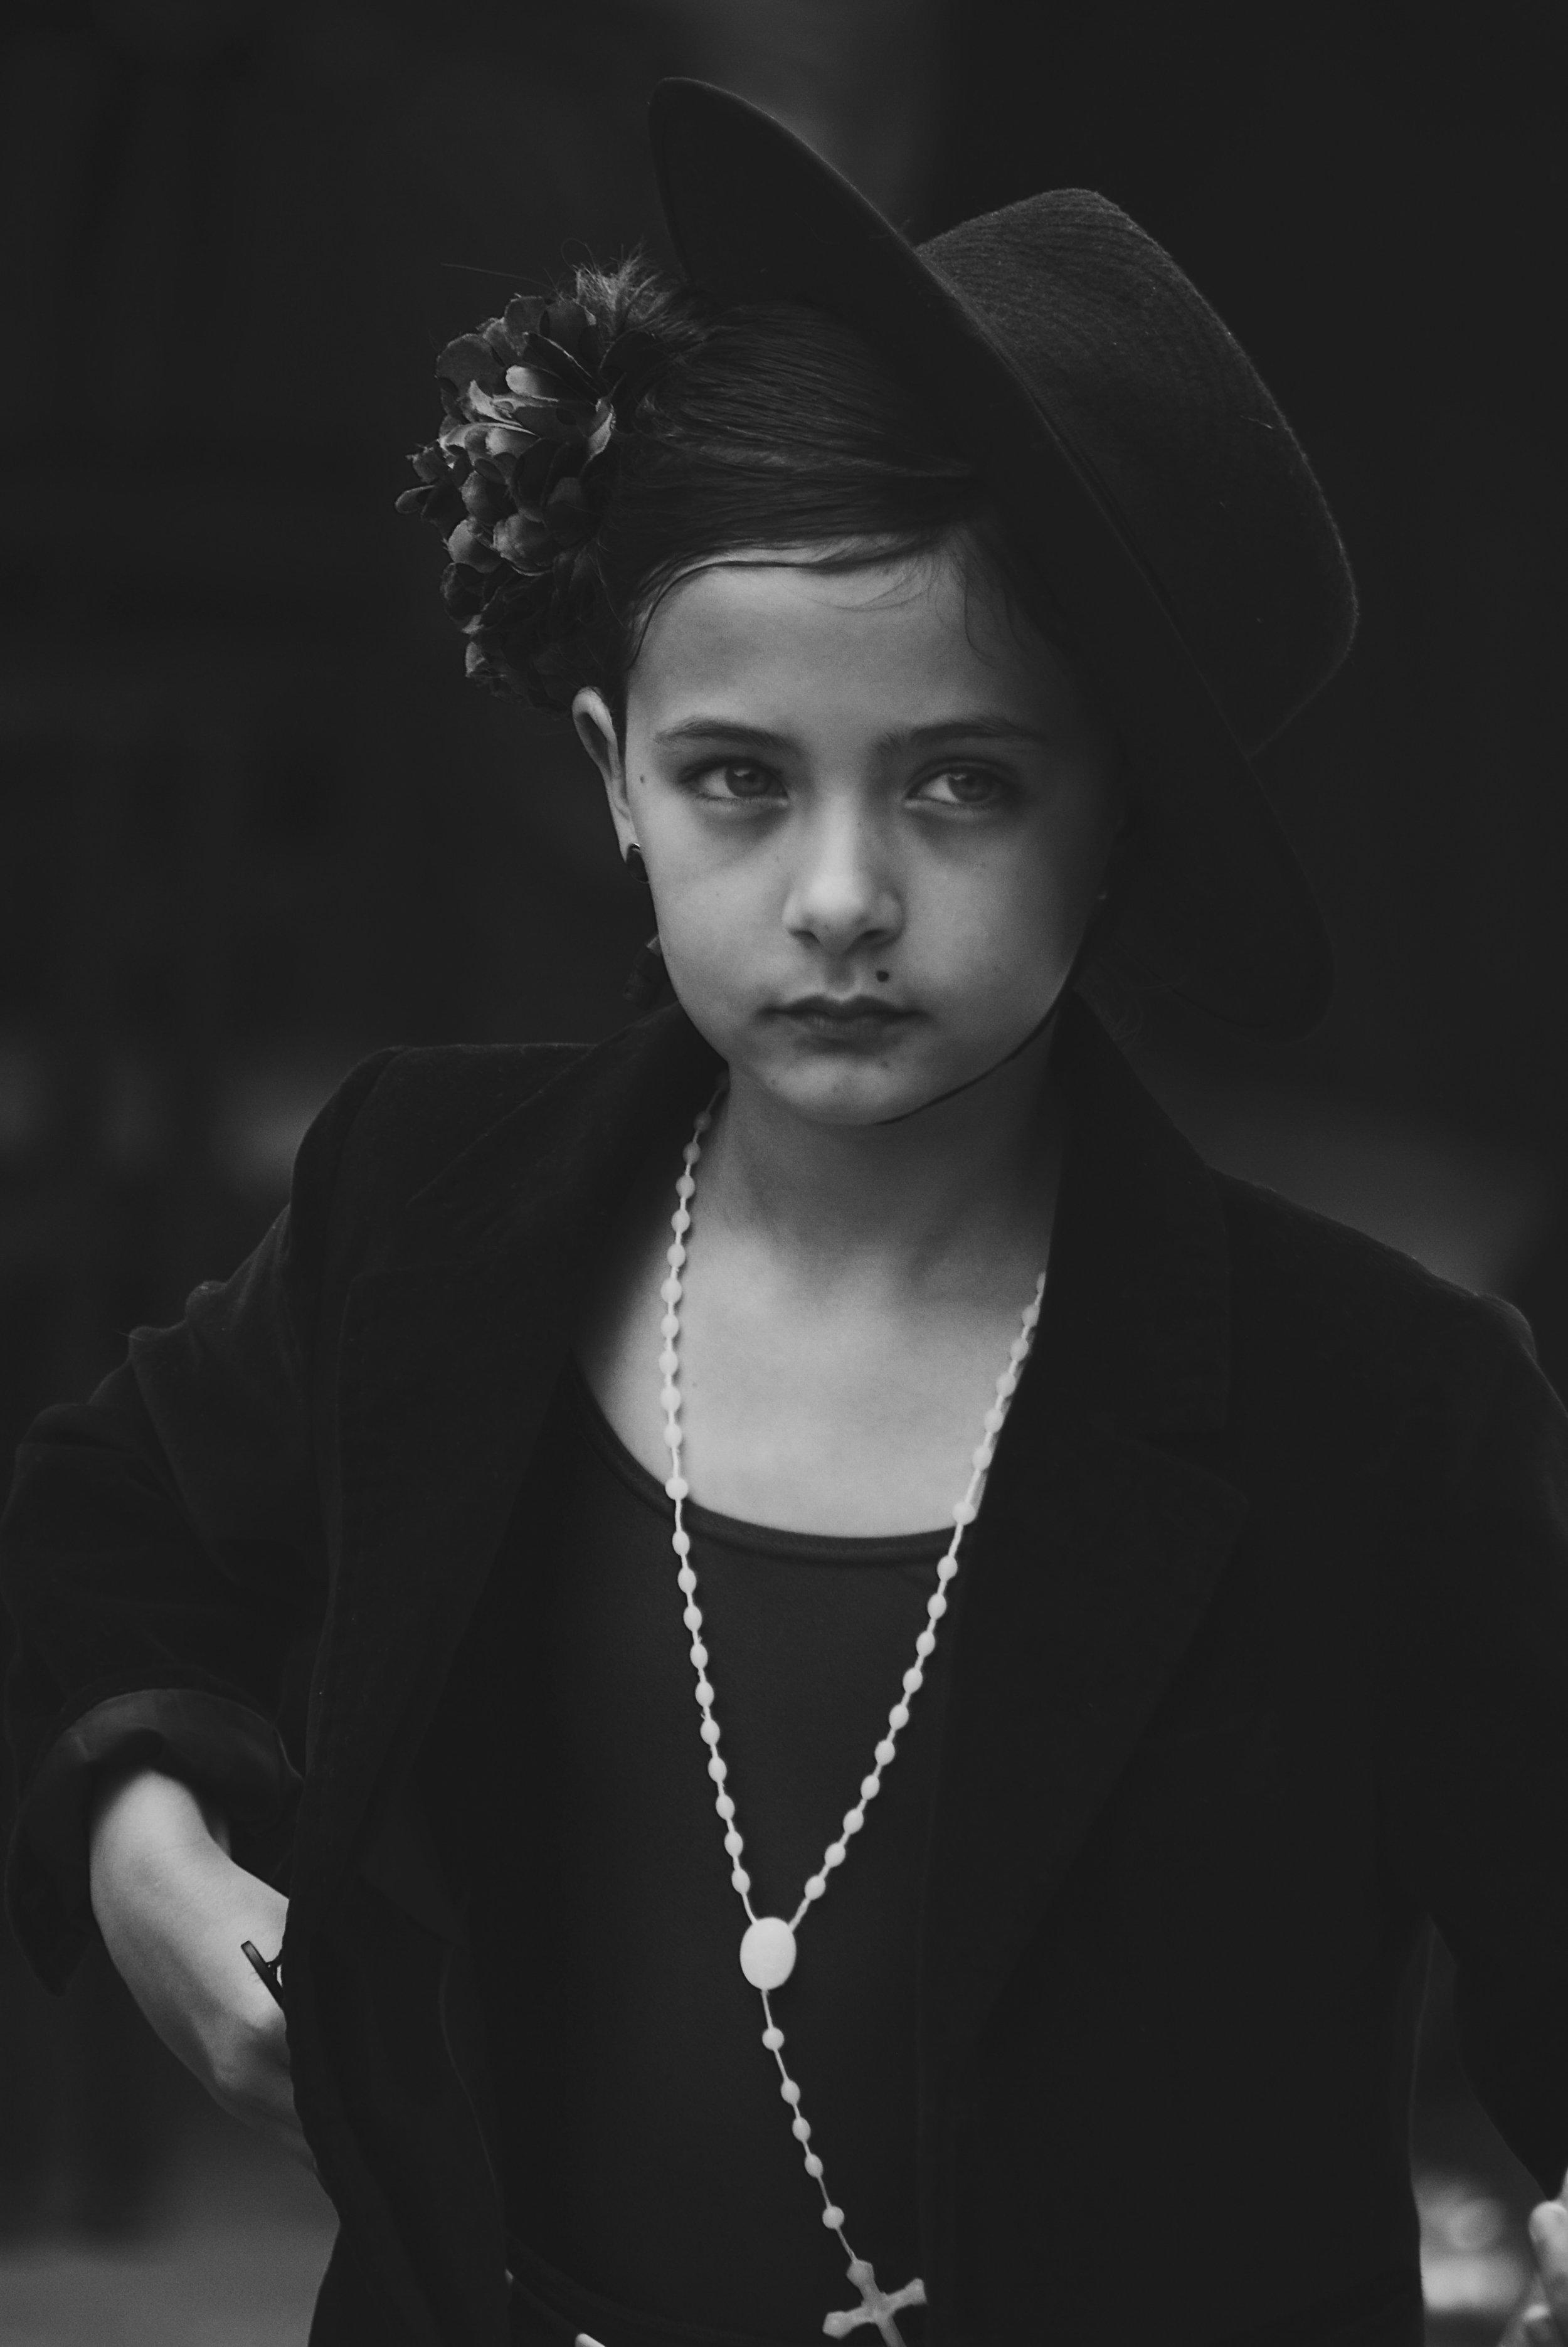 flamenca_camargue_espagnole_gitane_enfant.JPG